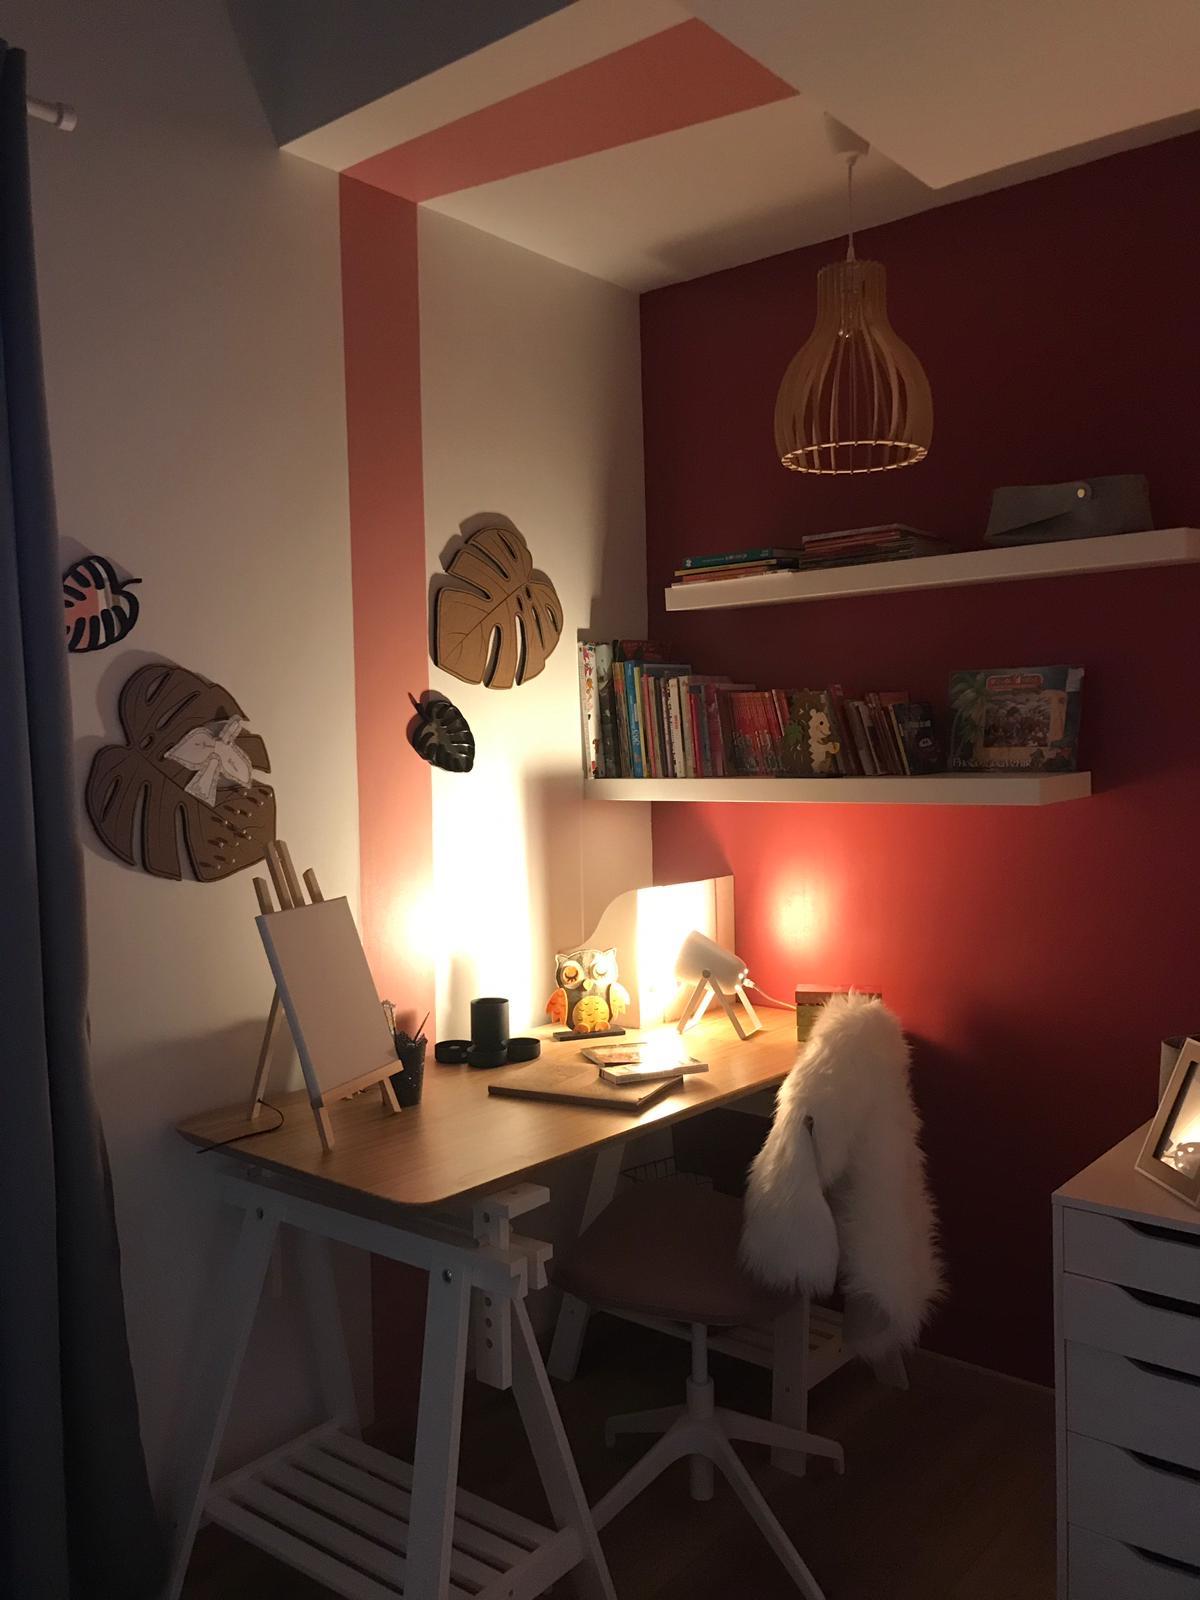 Chambre d'enfant, Ambiance indienne, Pauline Rudolf, Architecte d'intérieur, région de Lyon